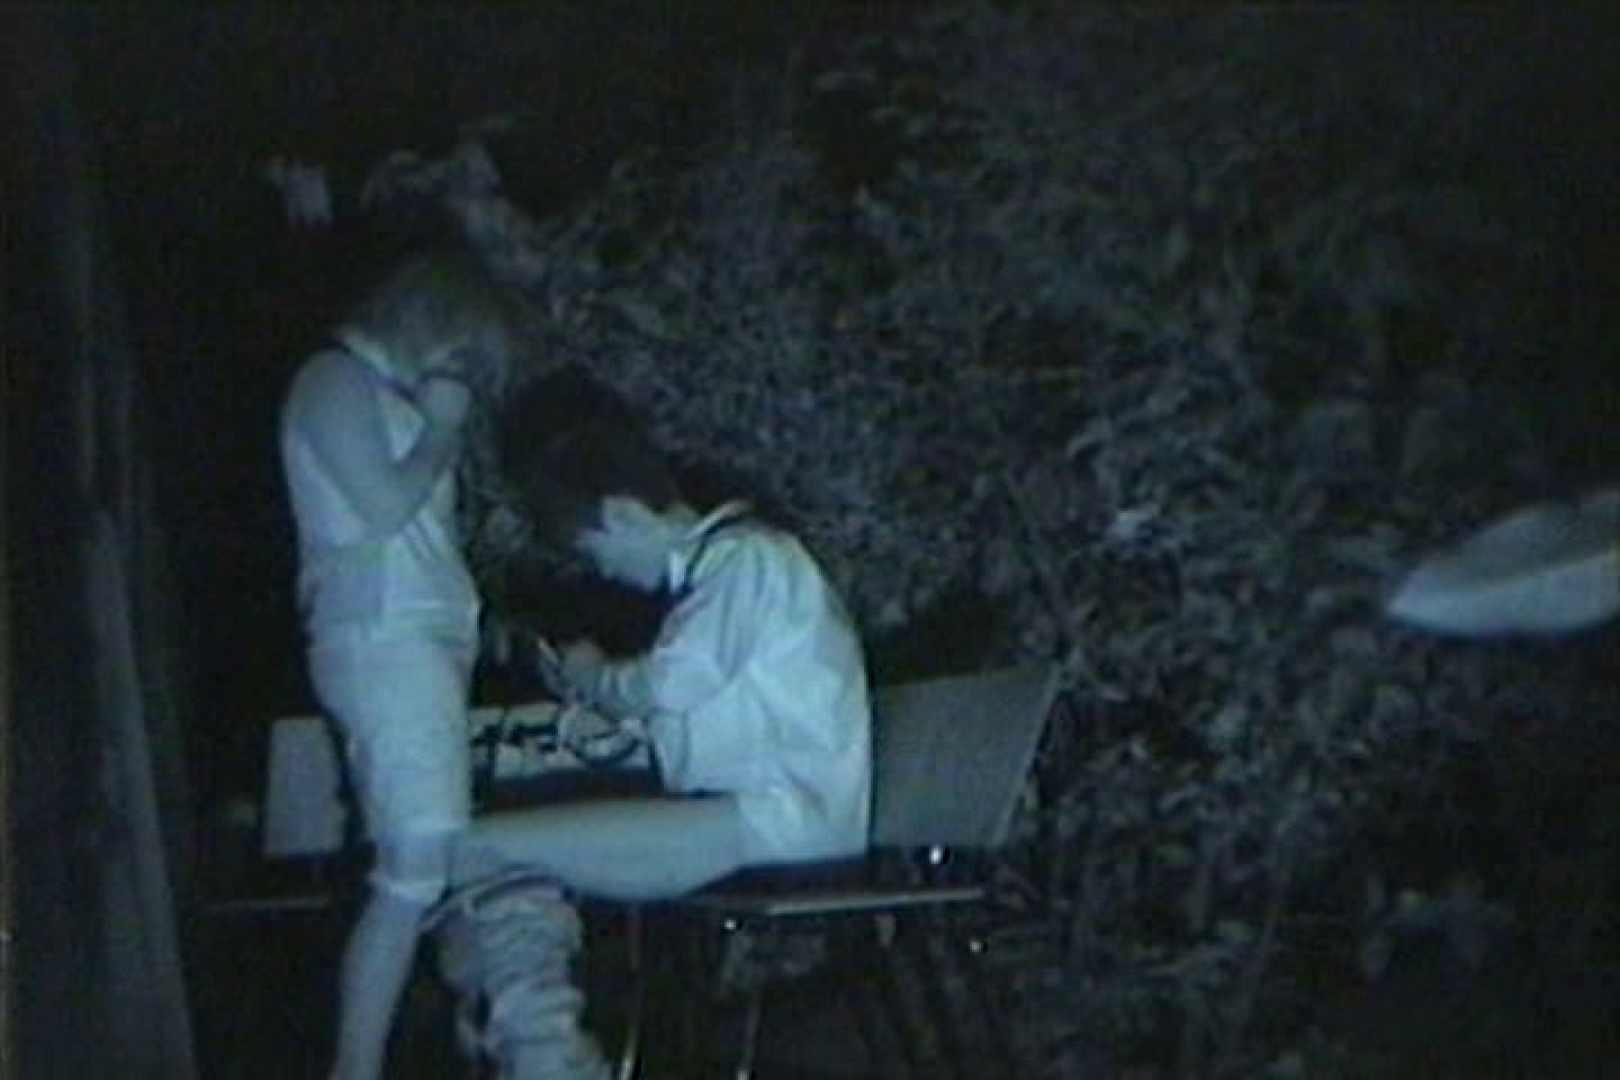 闇の仕掛け人 無修正版 Vol.24 ラブホテル隠し撮り ヌード画像 101pic 94